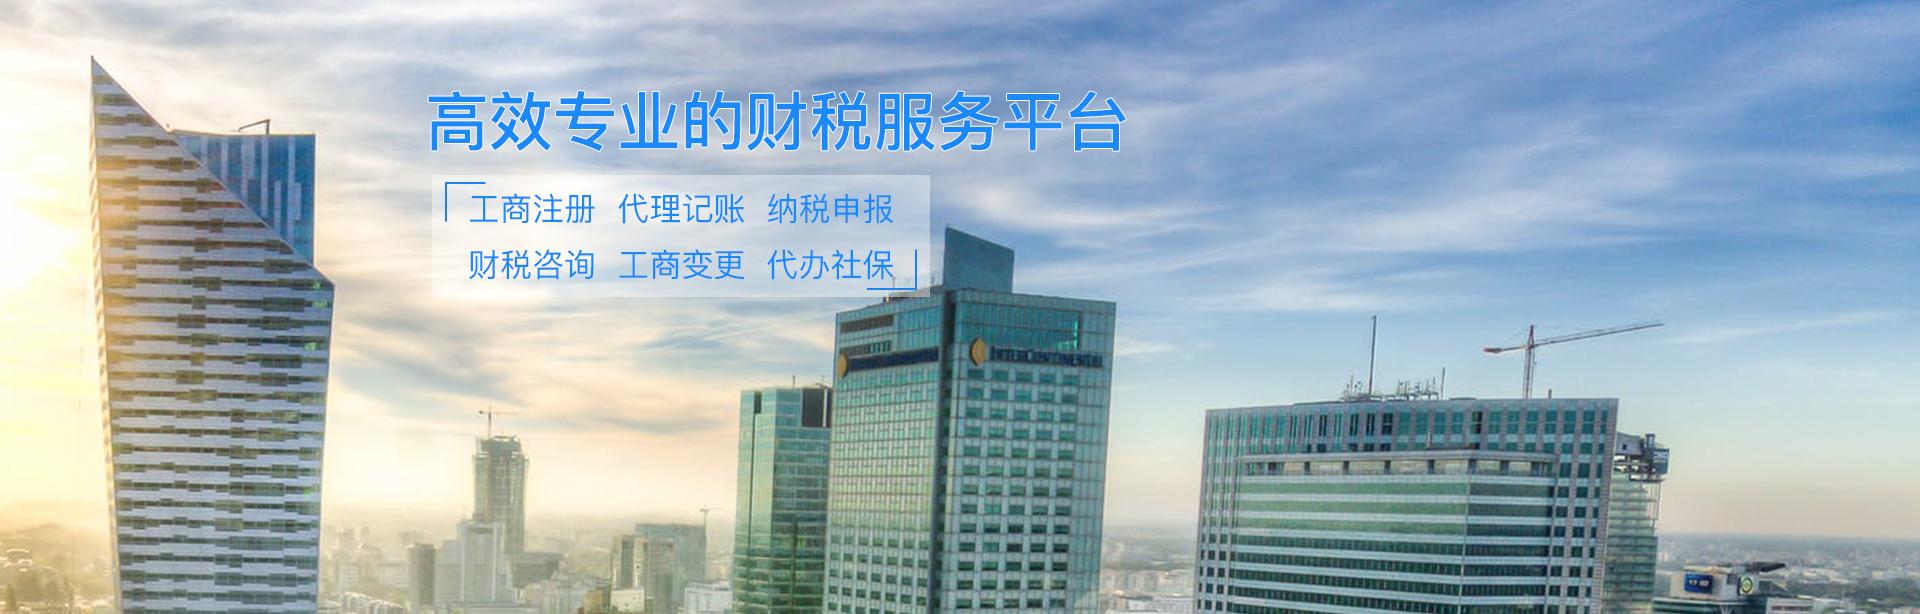 惠州广诚石湾会计服务有限公司